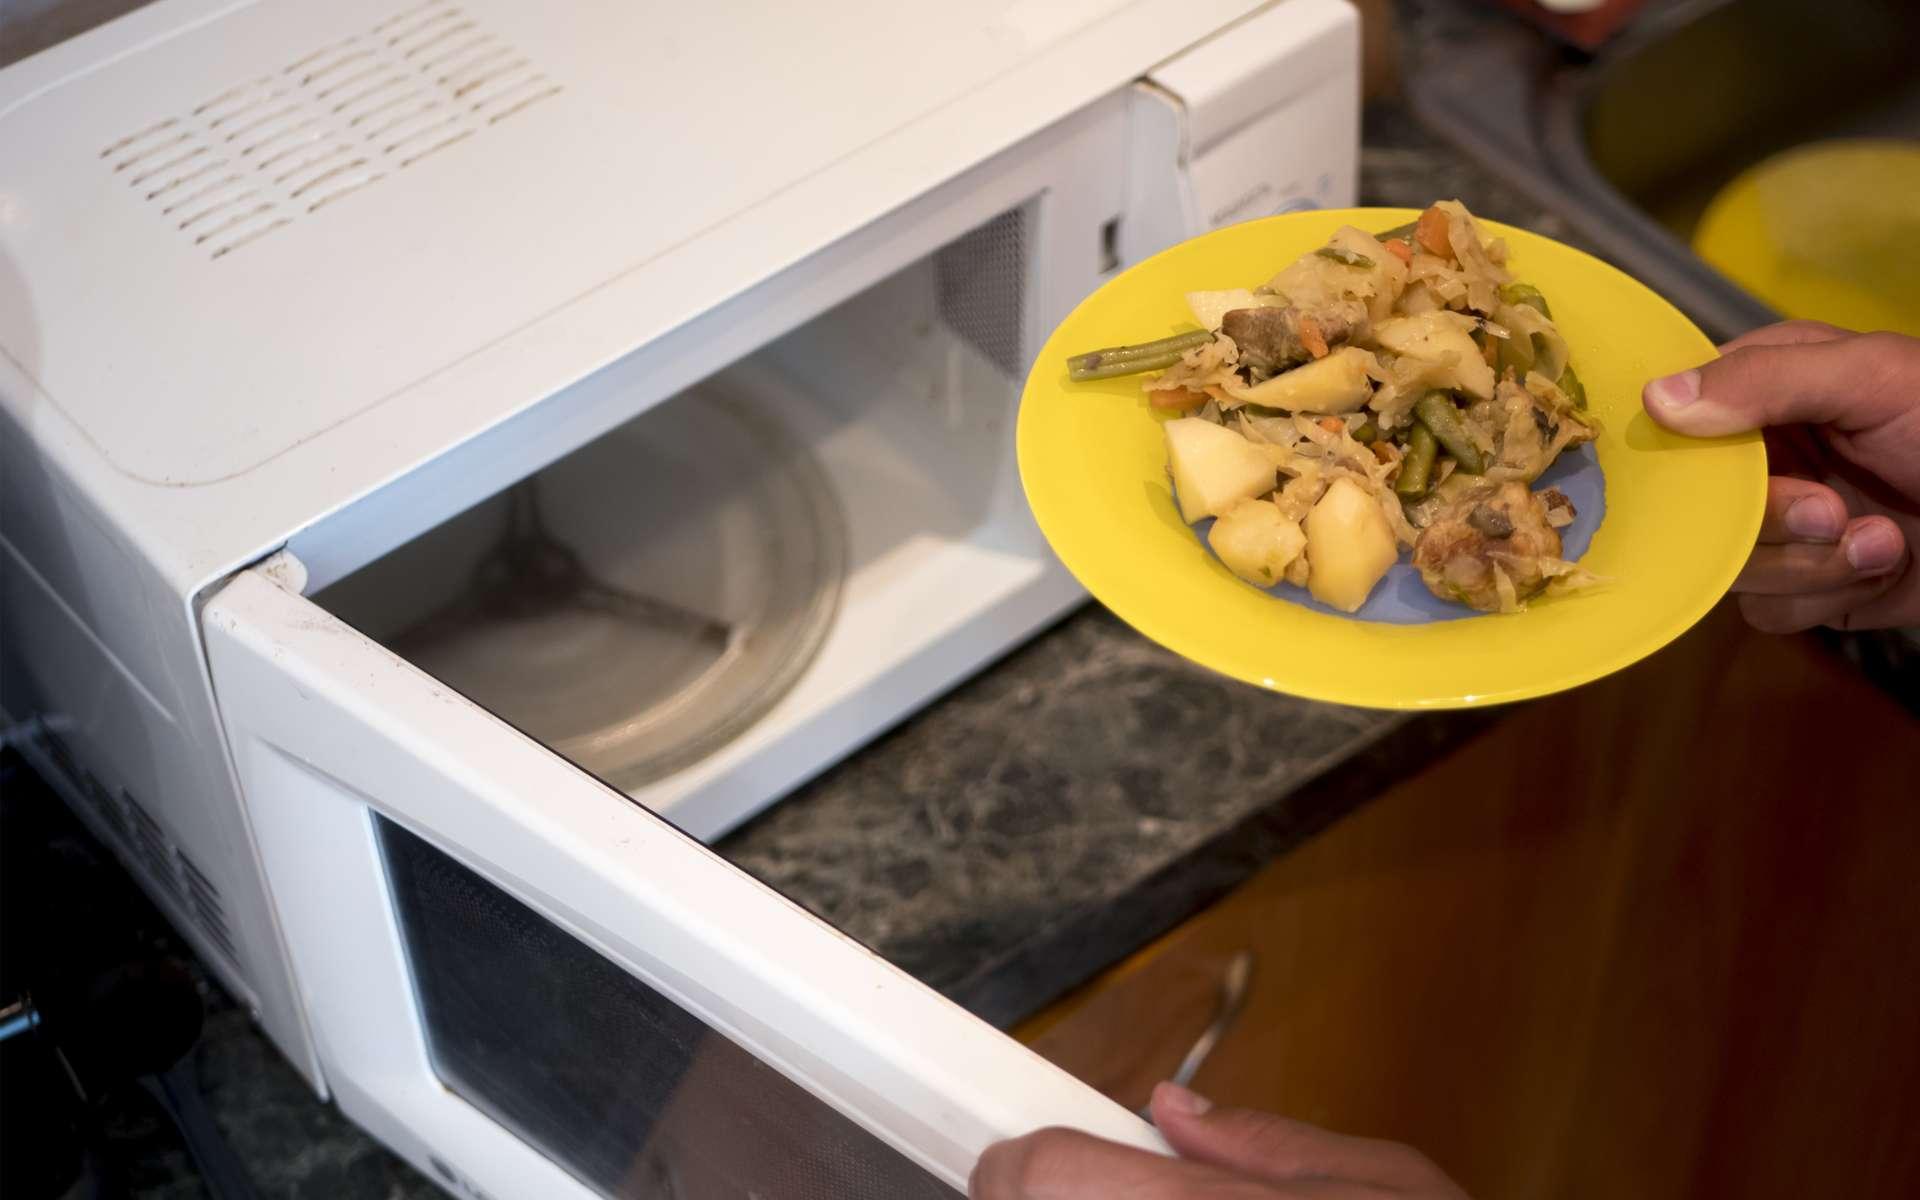 Cuisine Four Micro Onde 10 aliments à ne pas mettre au micro-ondes